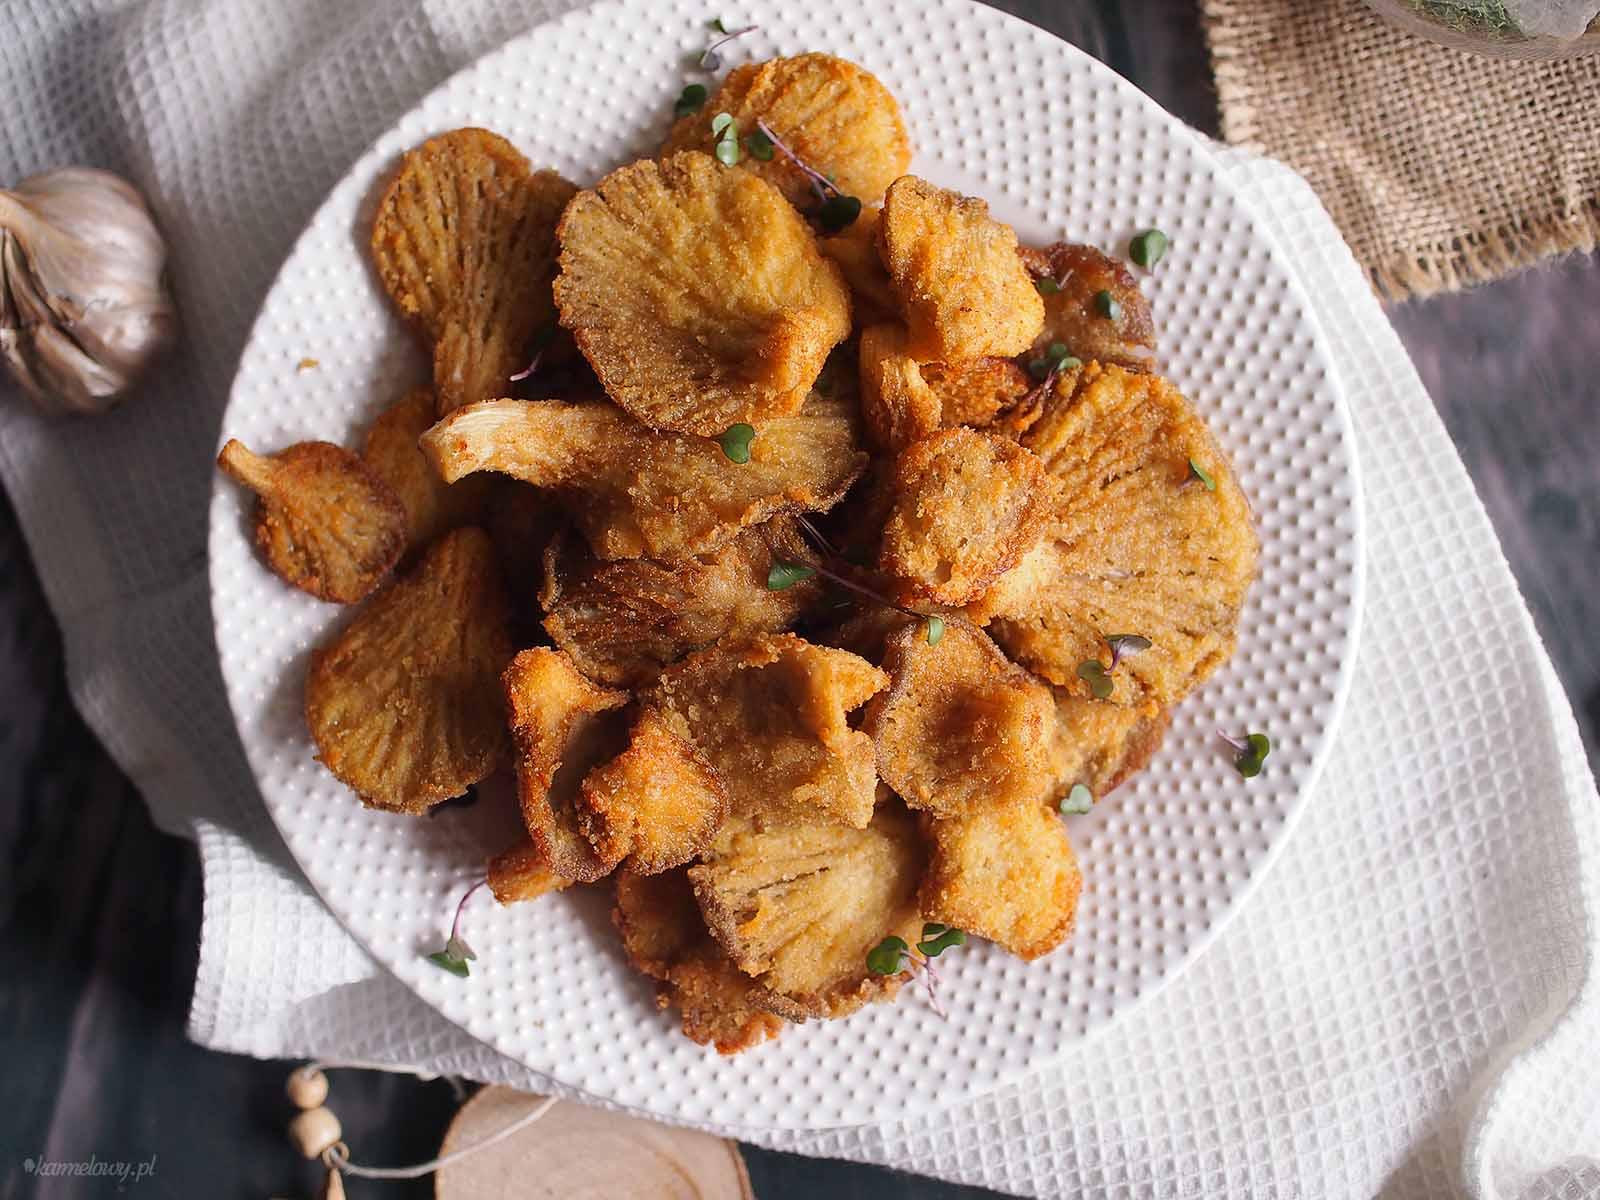 Boczniaki-w-panierce-Crumbed-oyster-mushrooms